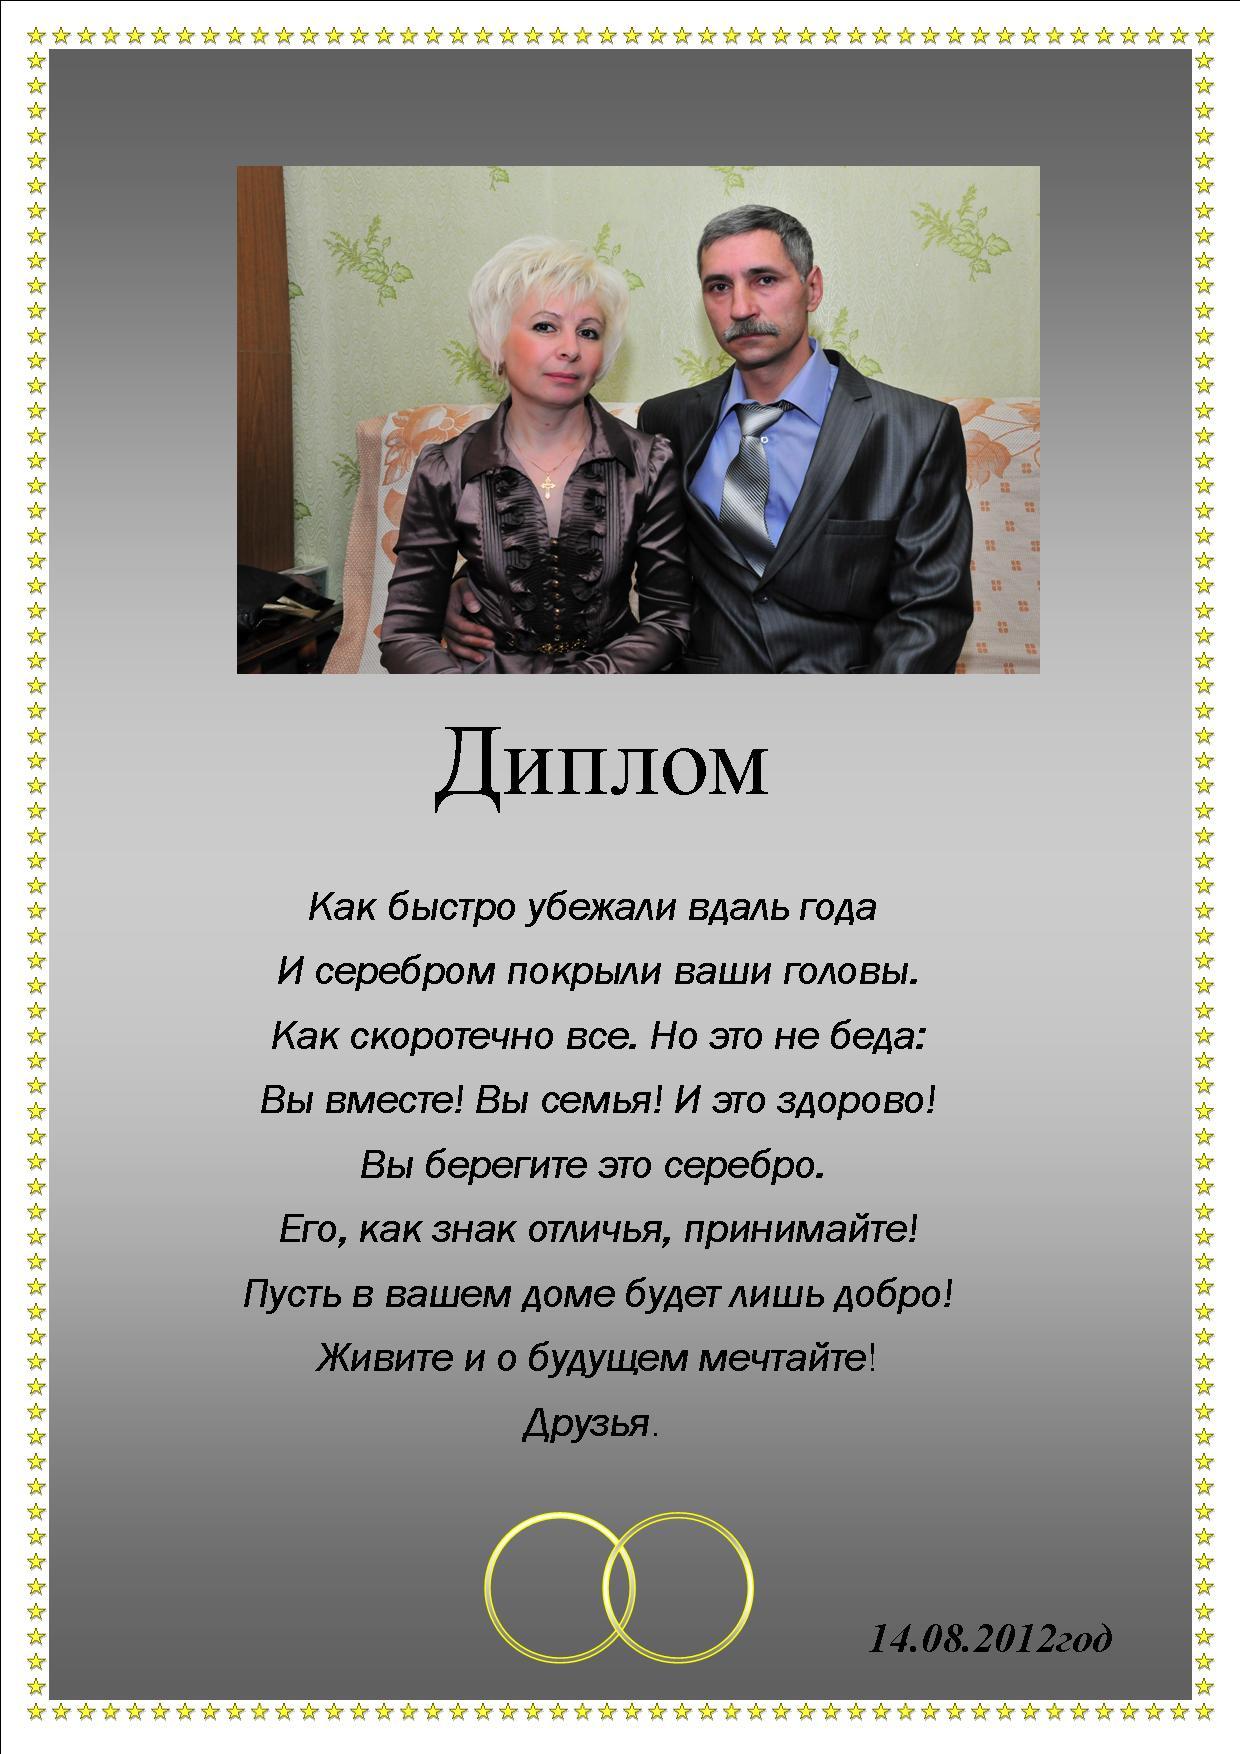 Поздравления на свадьбу в стихах от поэтов